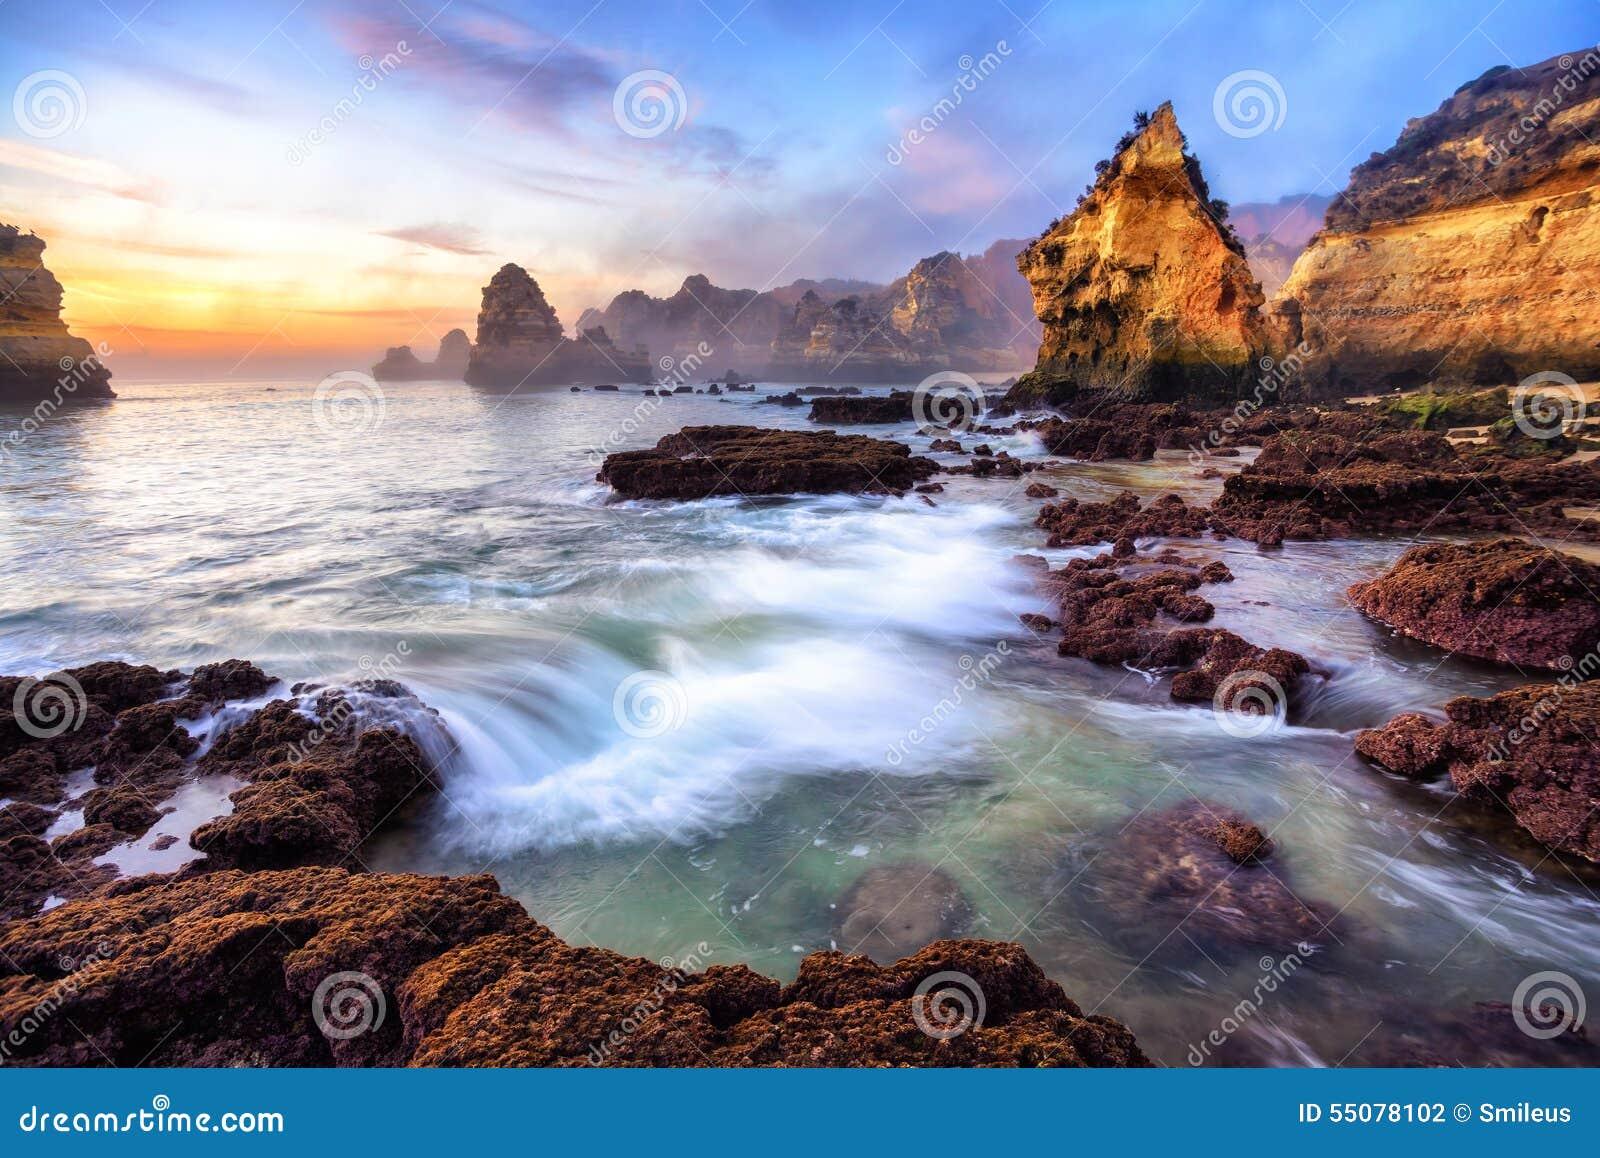 Θαυμάσιο τοπίο ακτών στην ανατολή